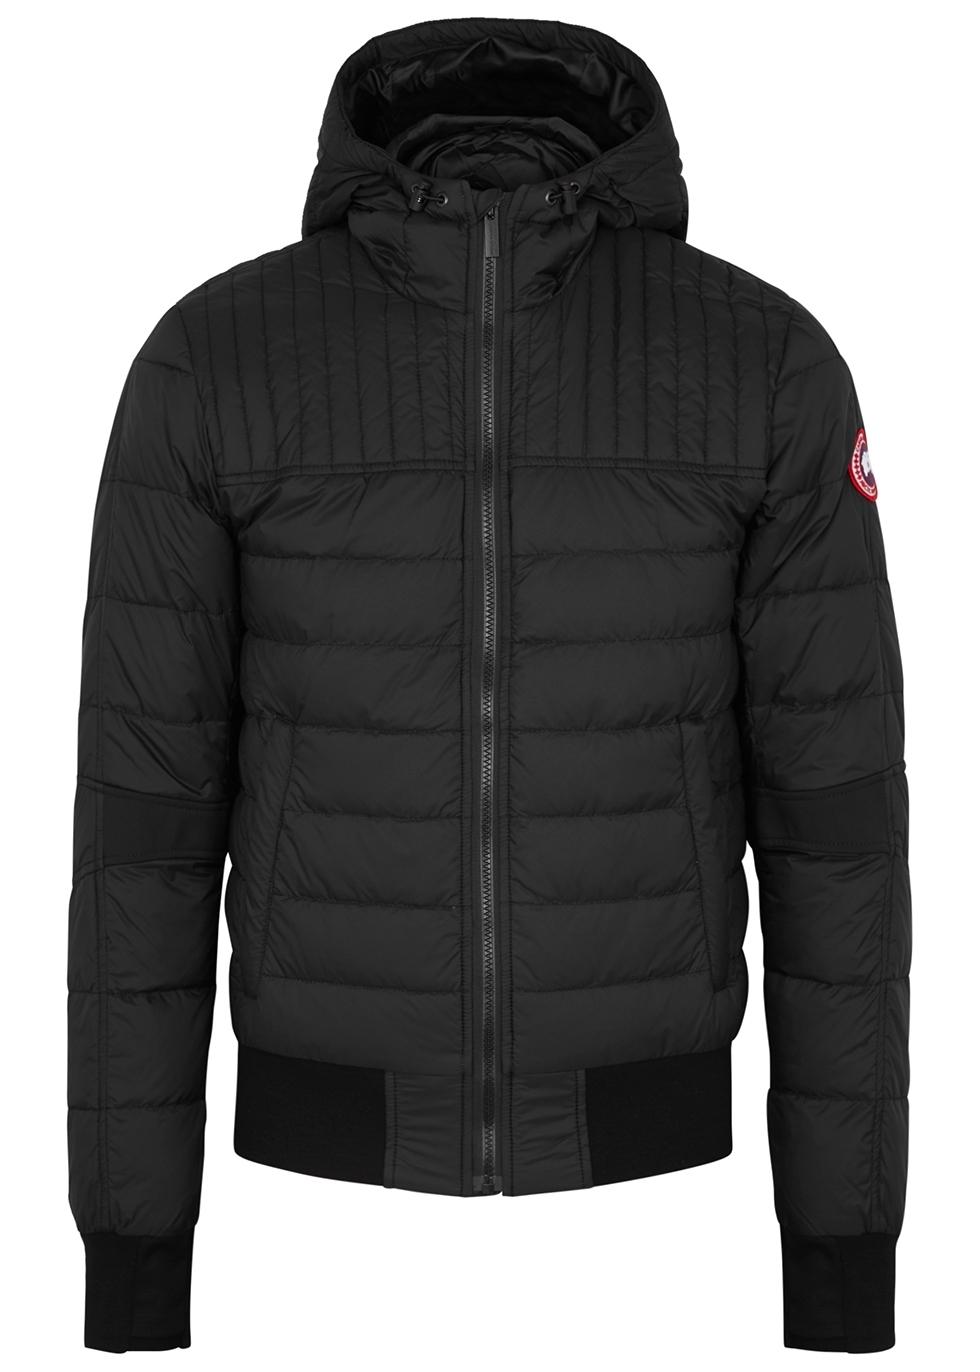 4090b9817 Canada Goose - Designer Jackets   Coats - Harvey Nichols